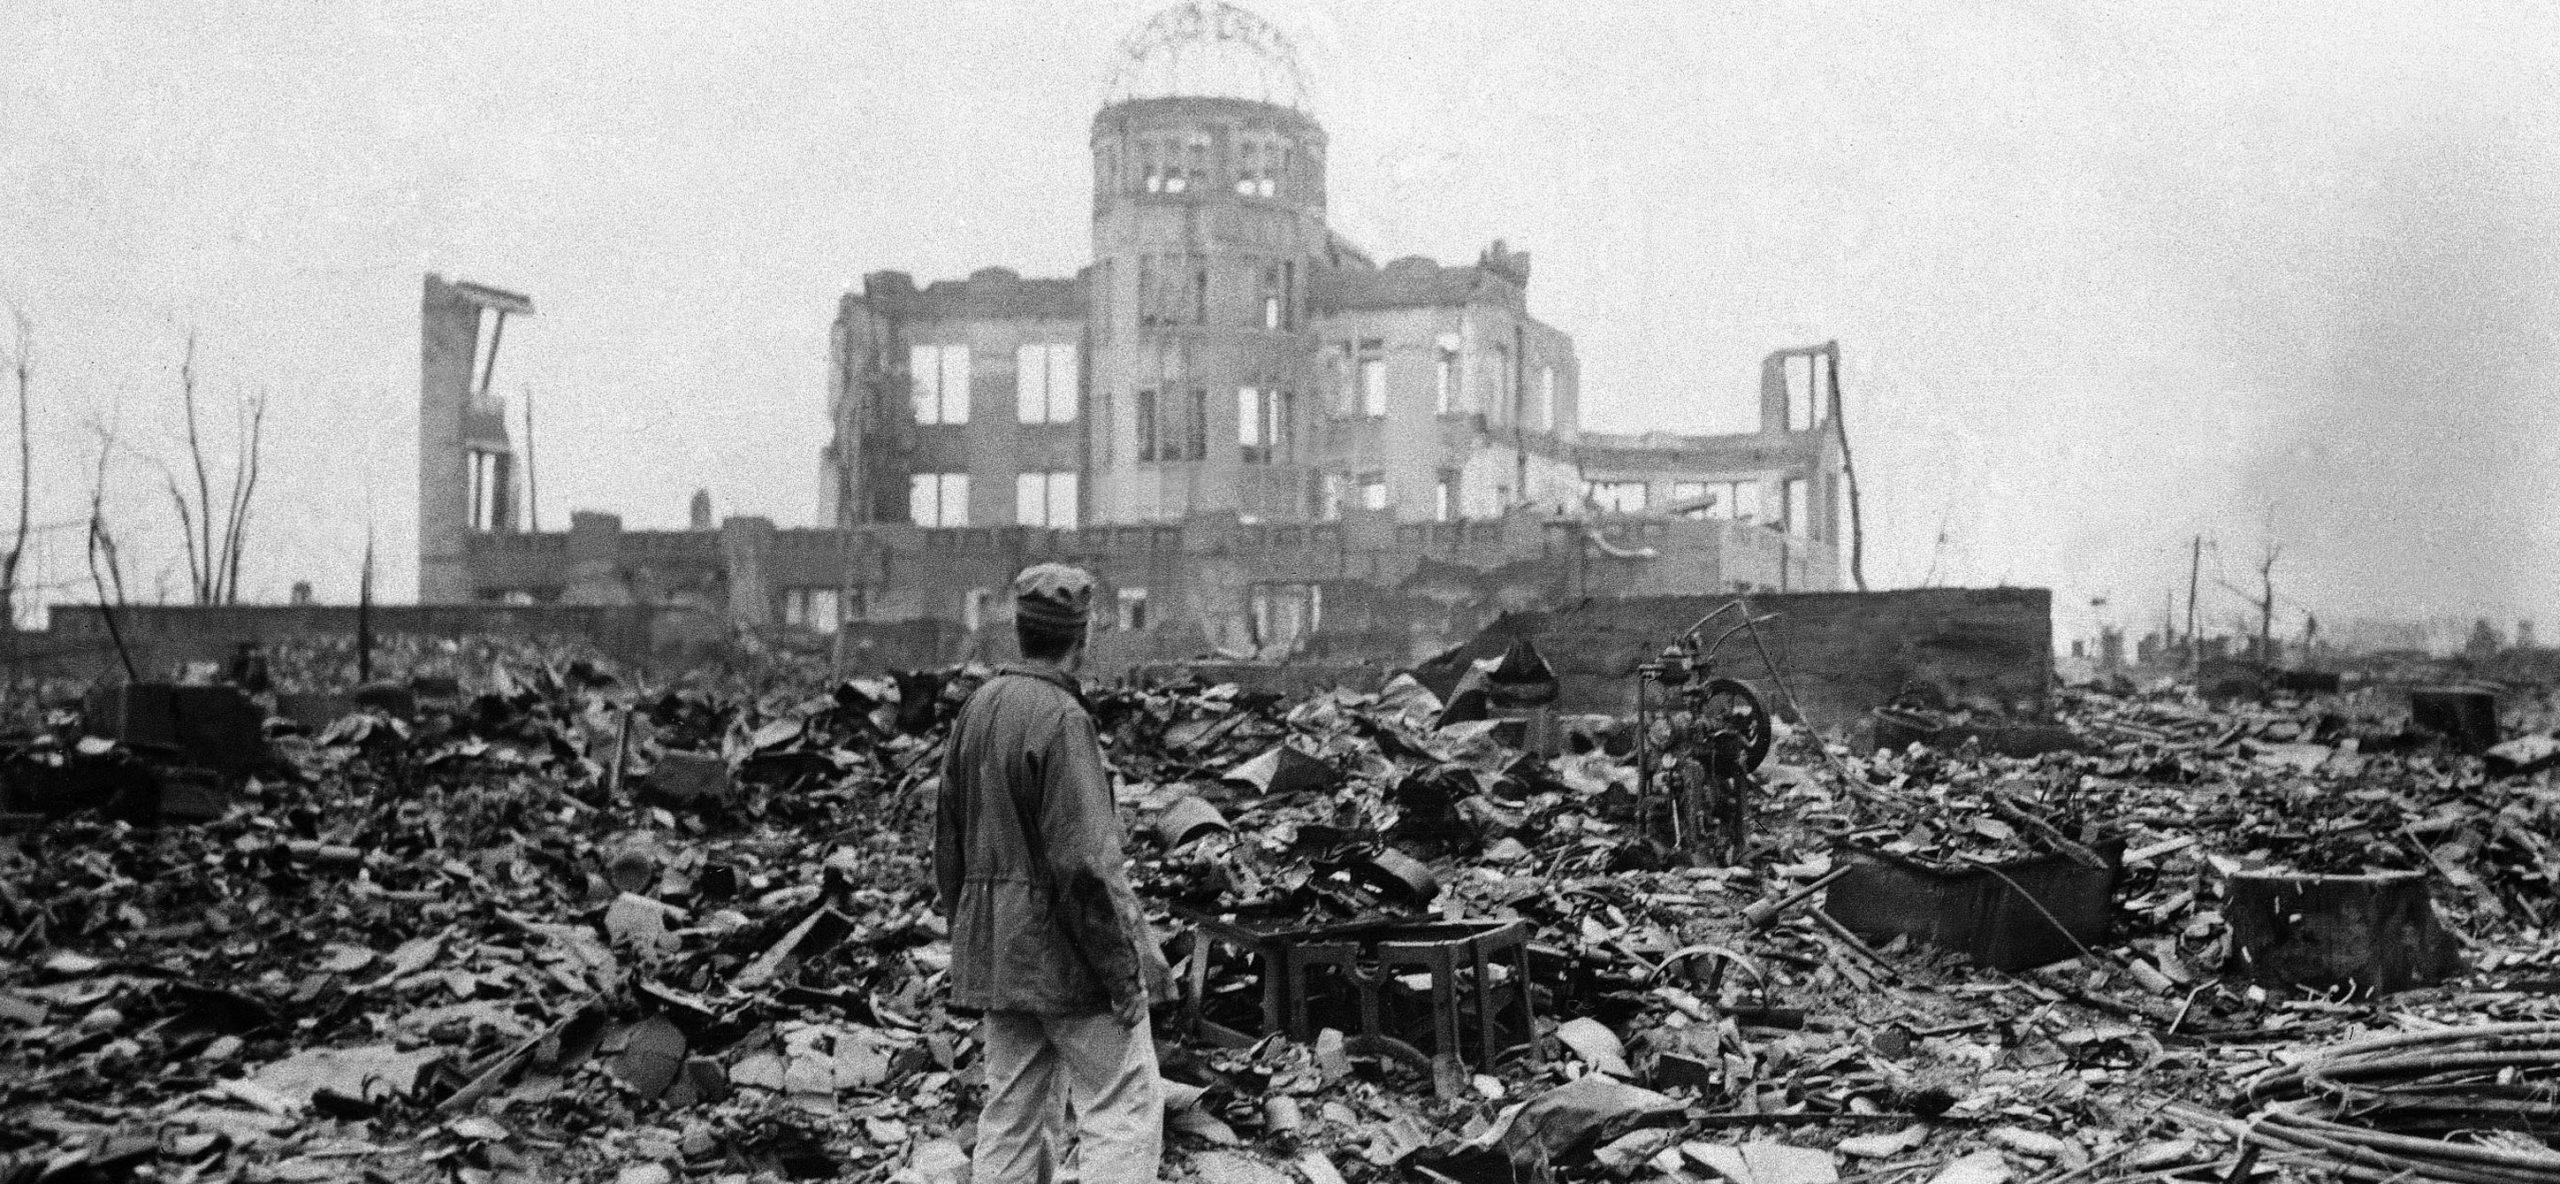 التاريخ الامريكي: سنوات لا تنسى عبر العصور